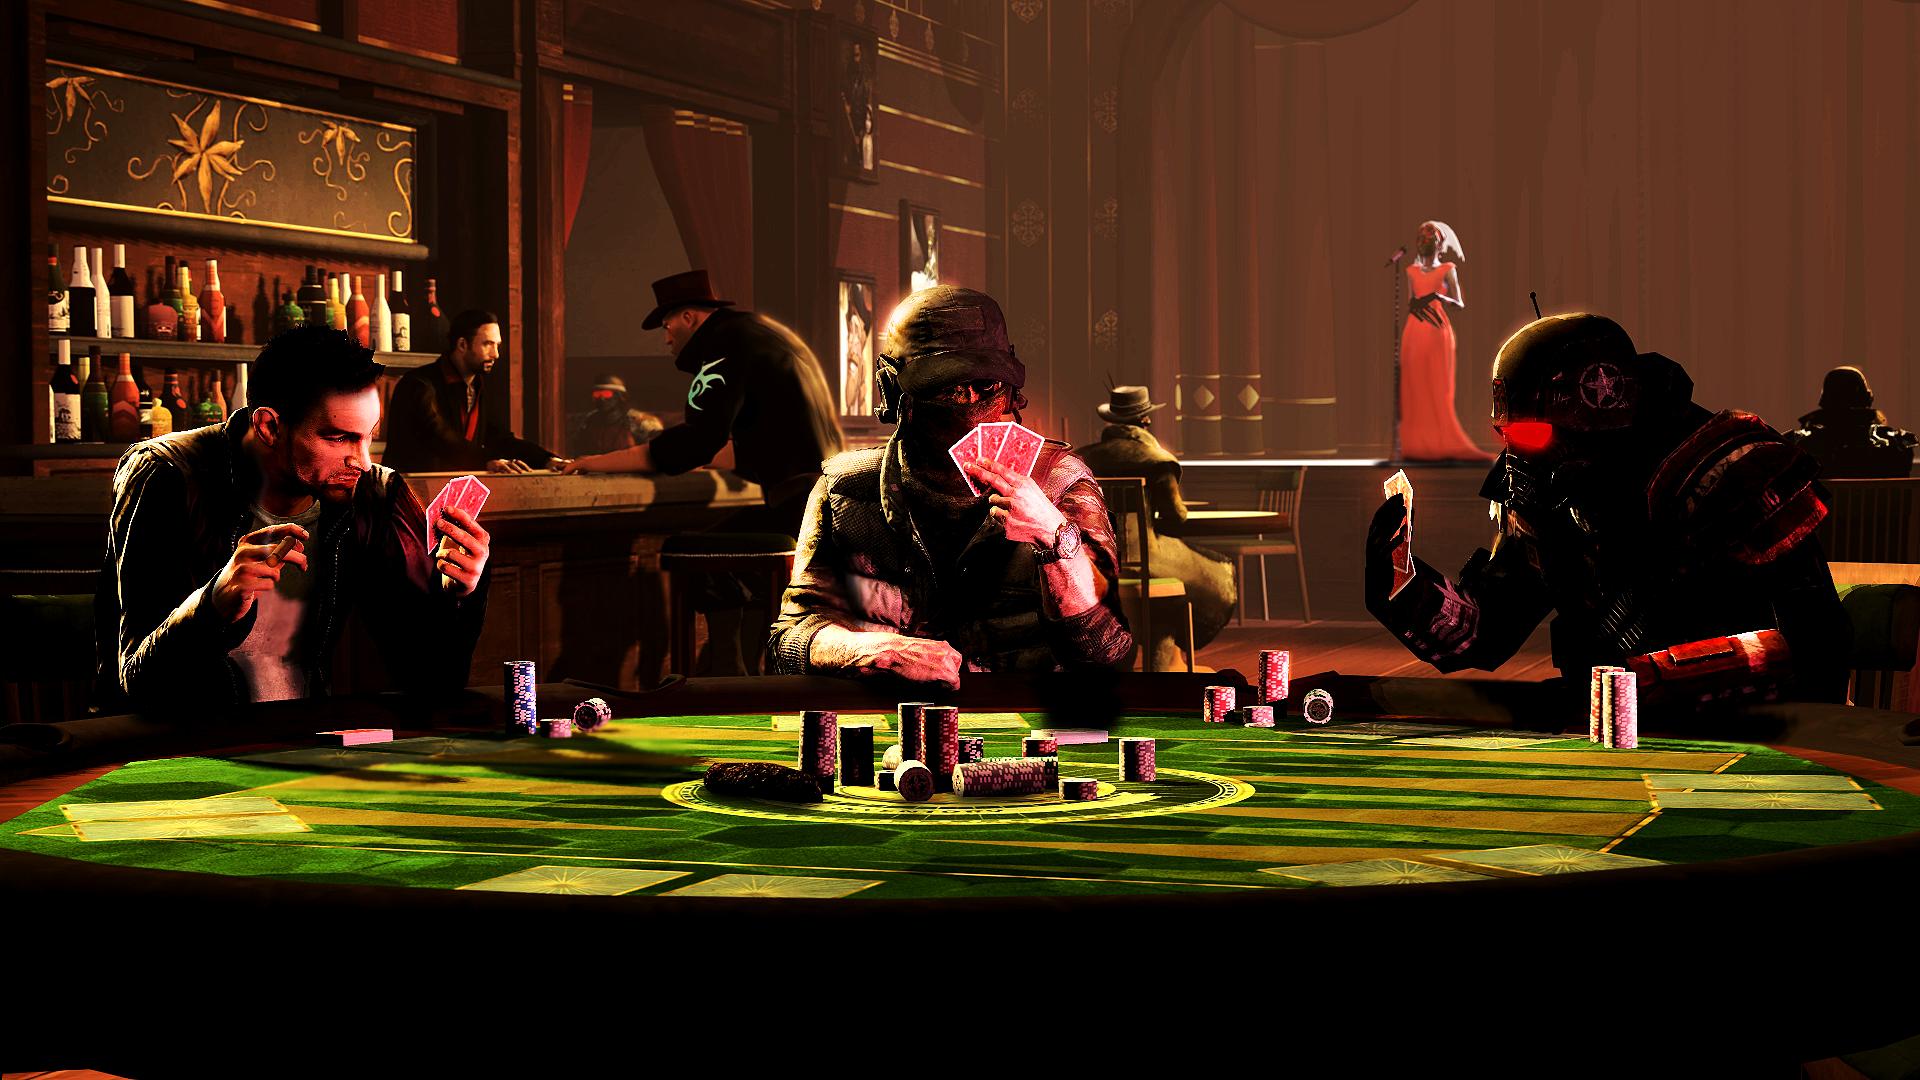 Poker Night by WitchyGmod on DeviantArt